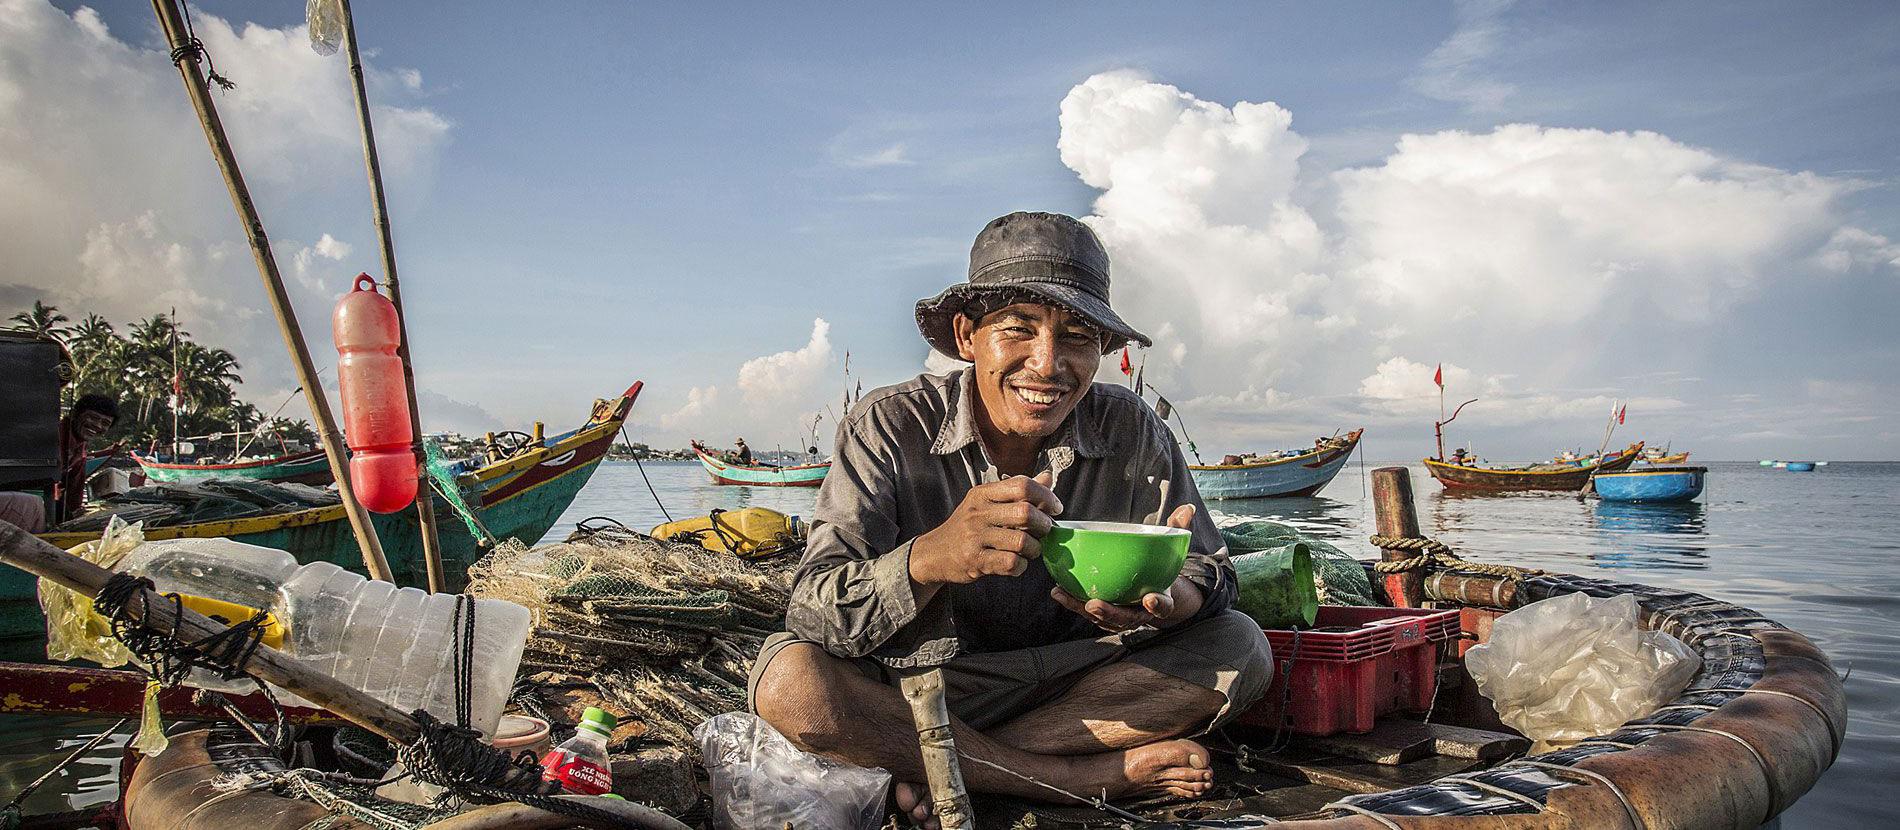 site de rencontre gratuit au Vietnam